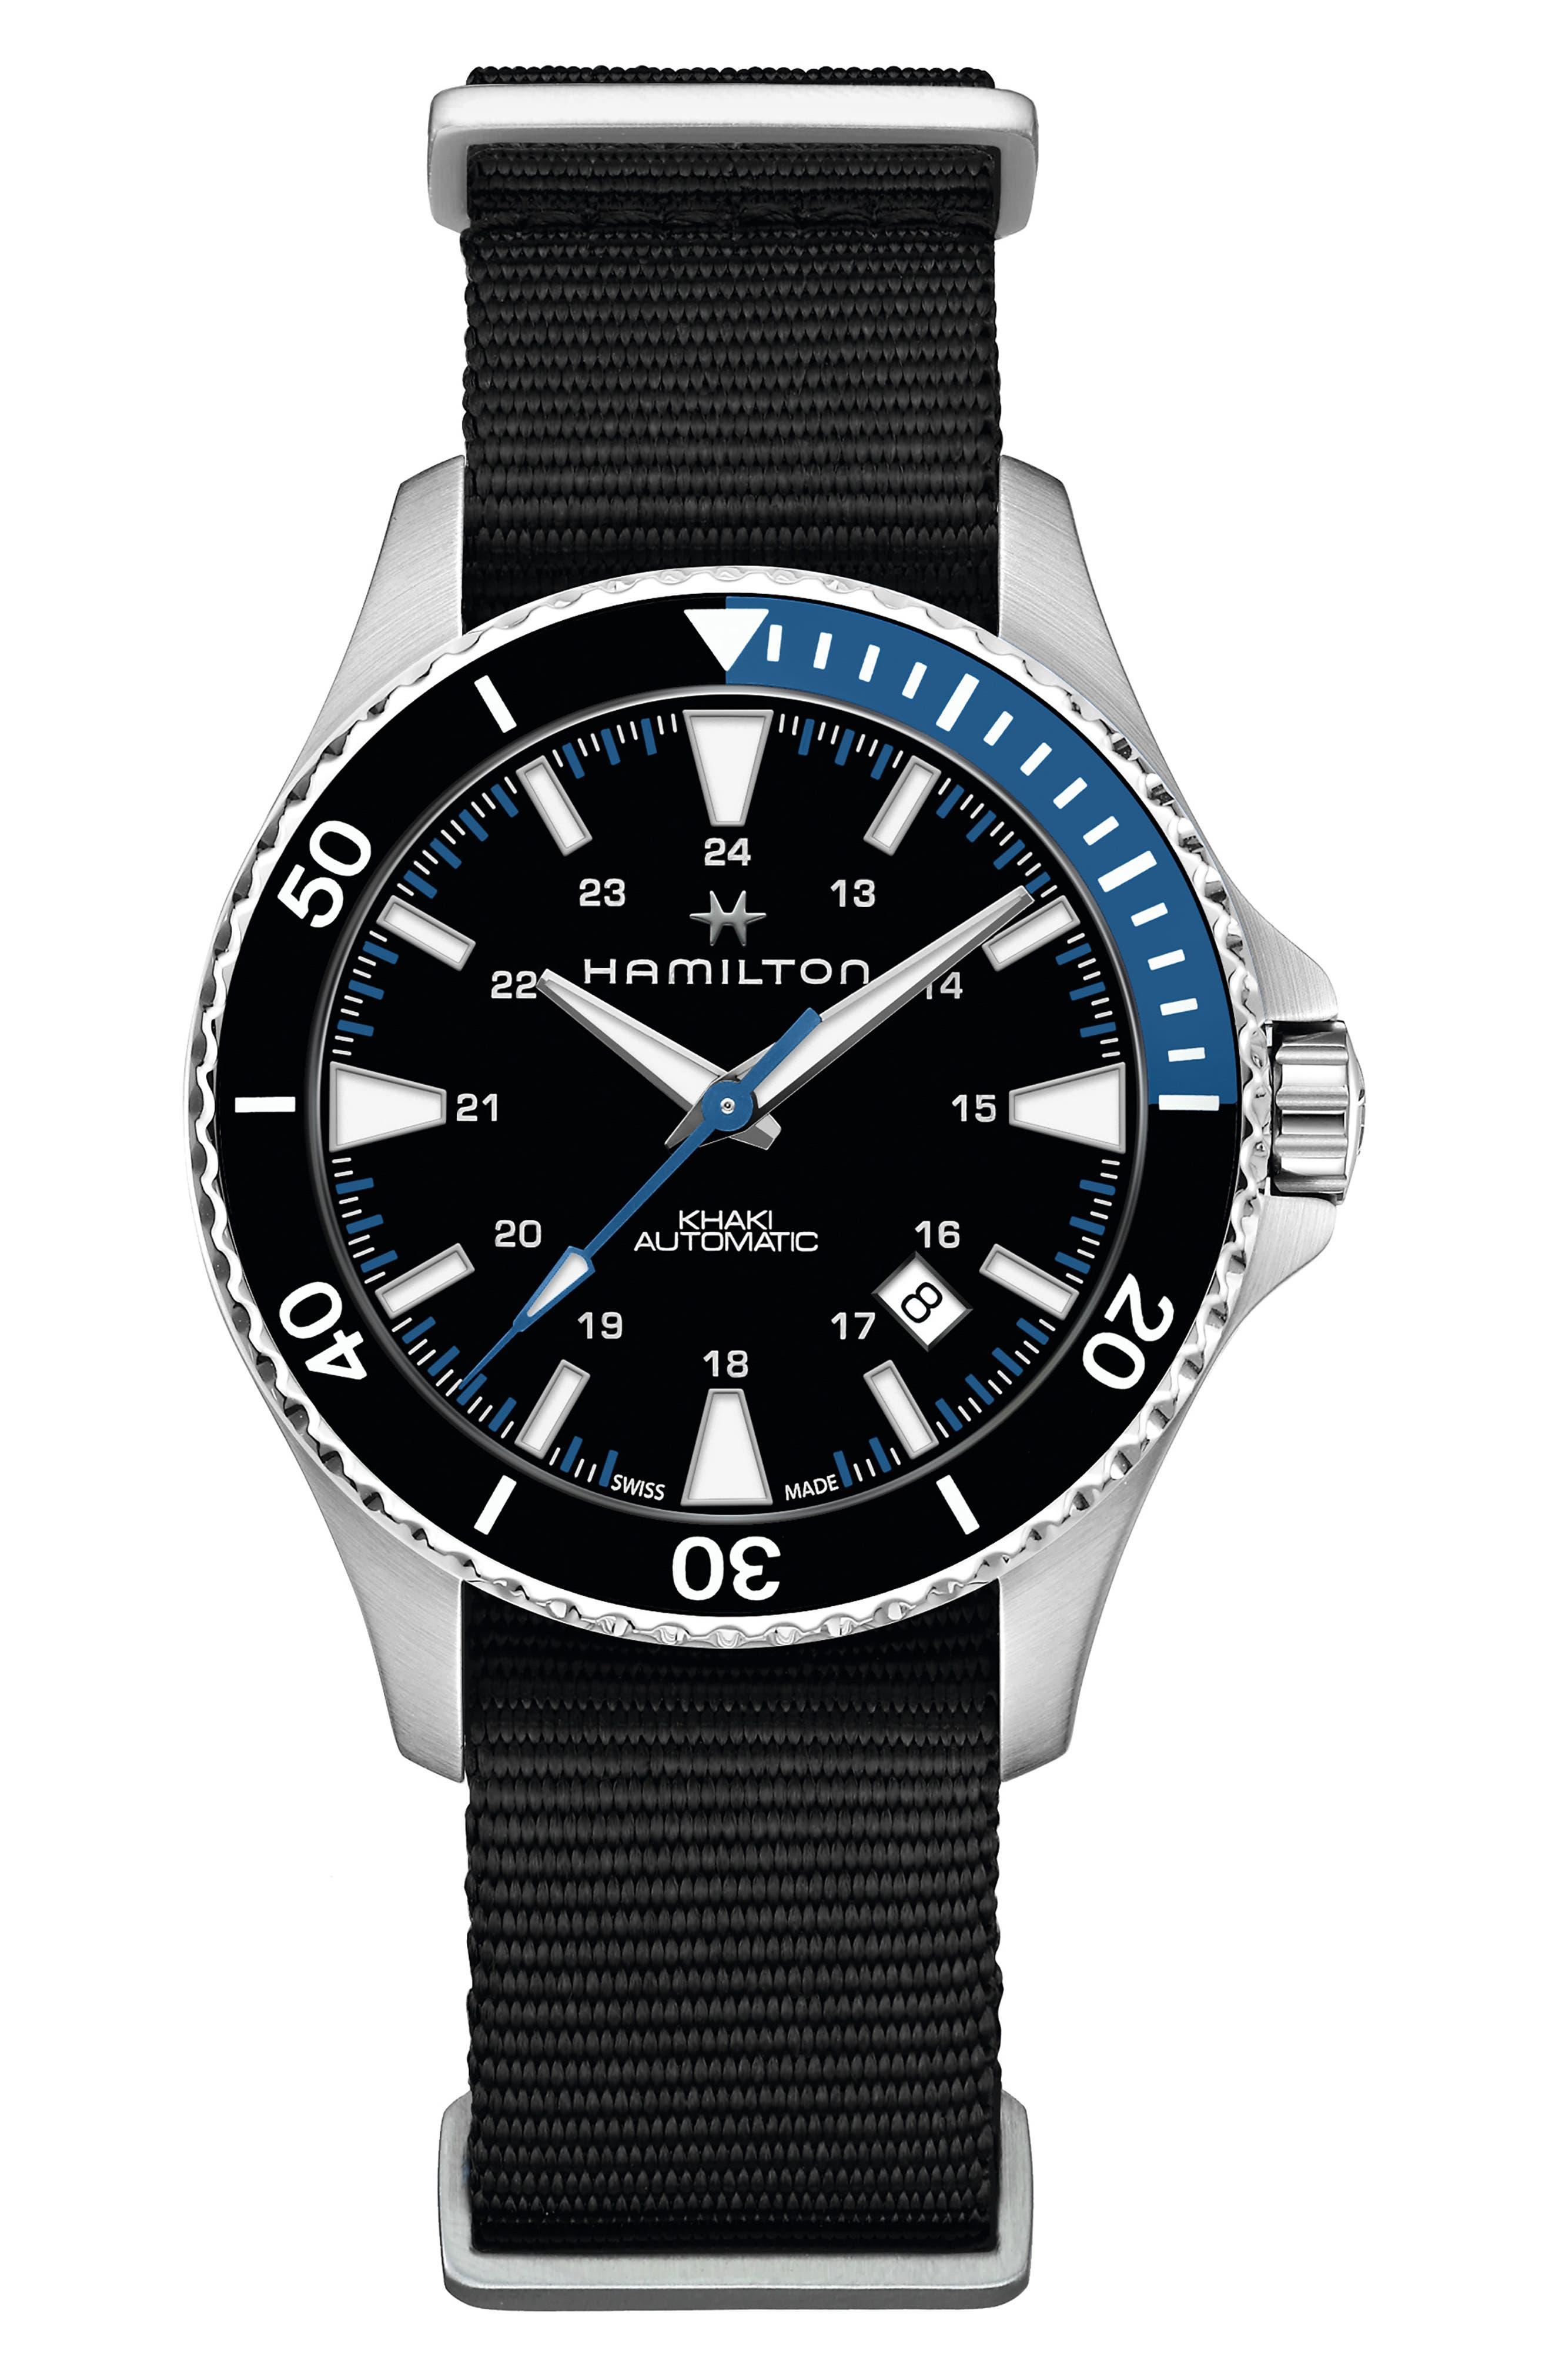 Khaki Navy Scuba Automatic Canvas Strap Watch, 40mm,                         Main,                         color, BLACK/ SILVER/ BLUE